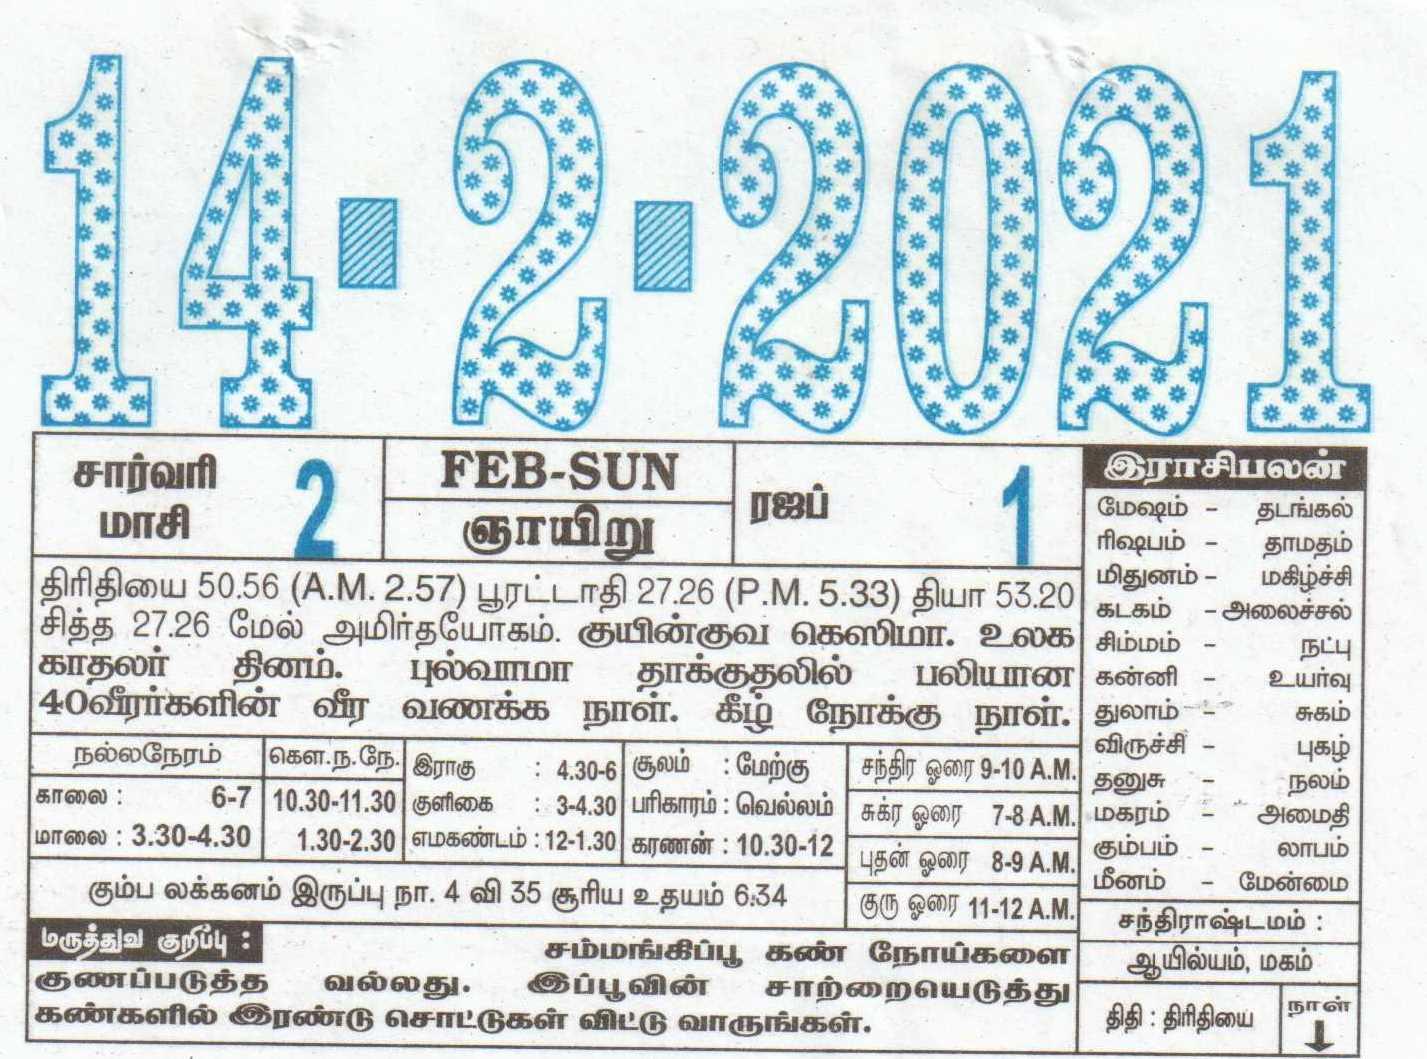 14 02 2021 Daily Calendar Date 14 January Daily Tear